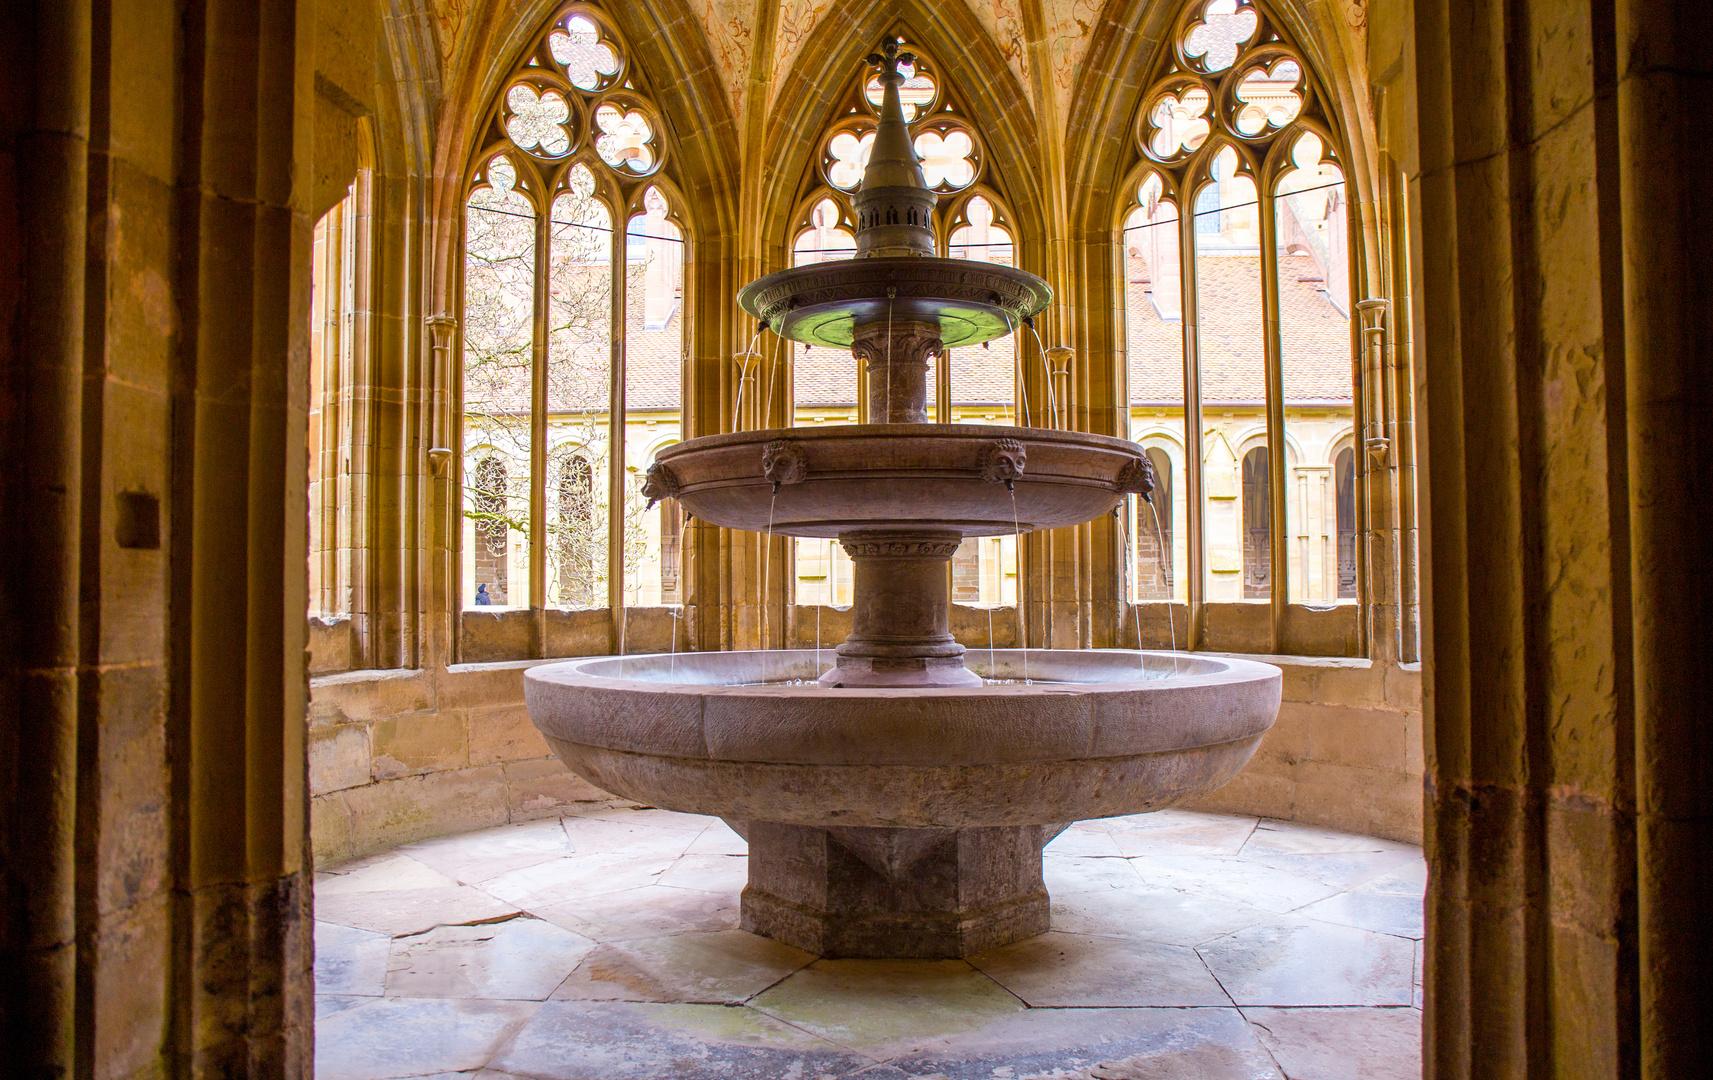 Kloster Maulbronn (5) - der dreischalige Brunnen